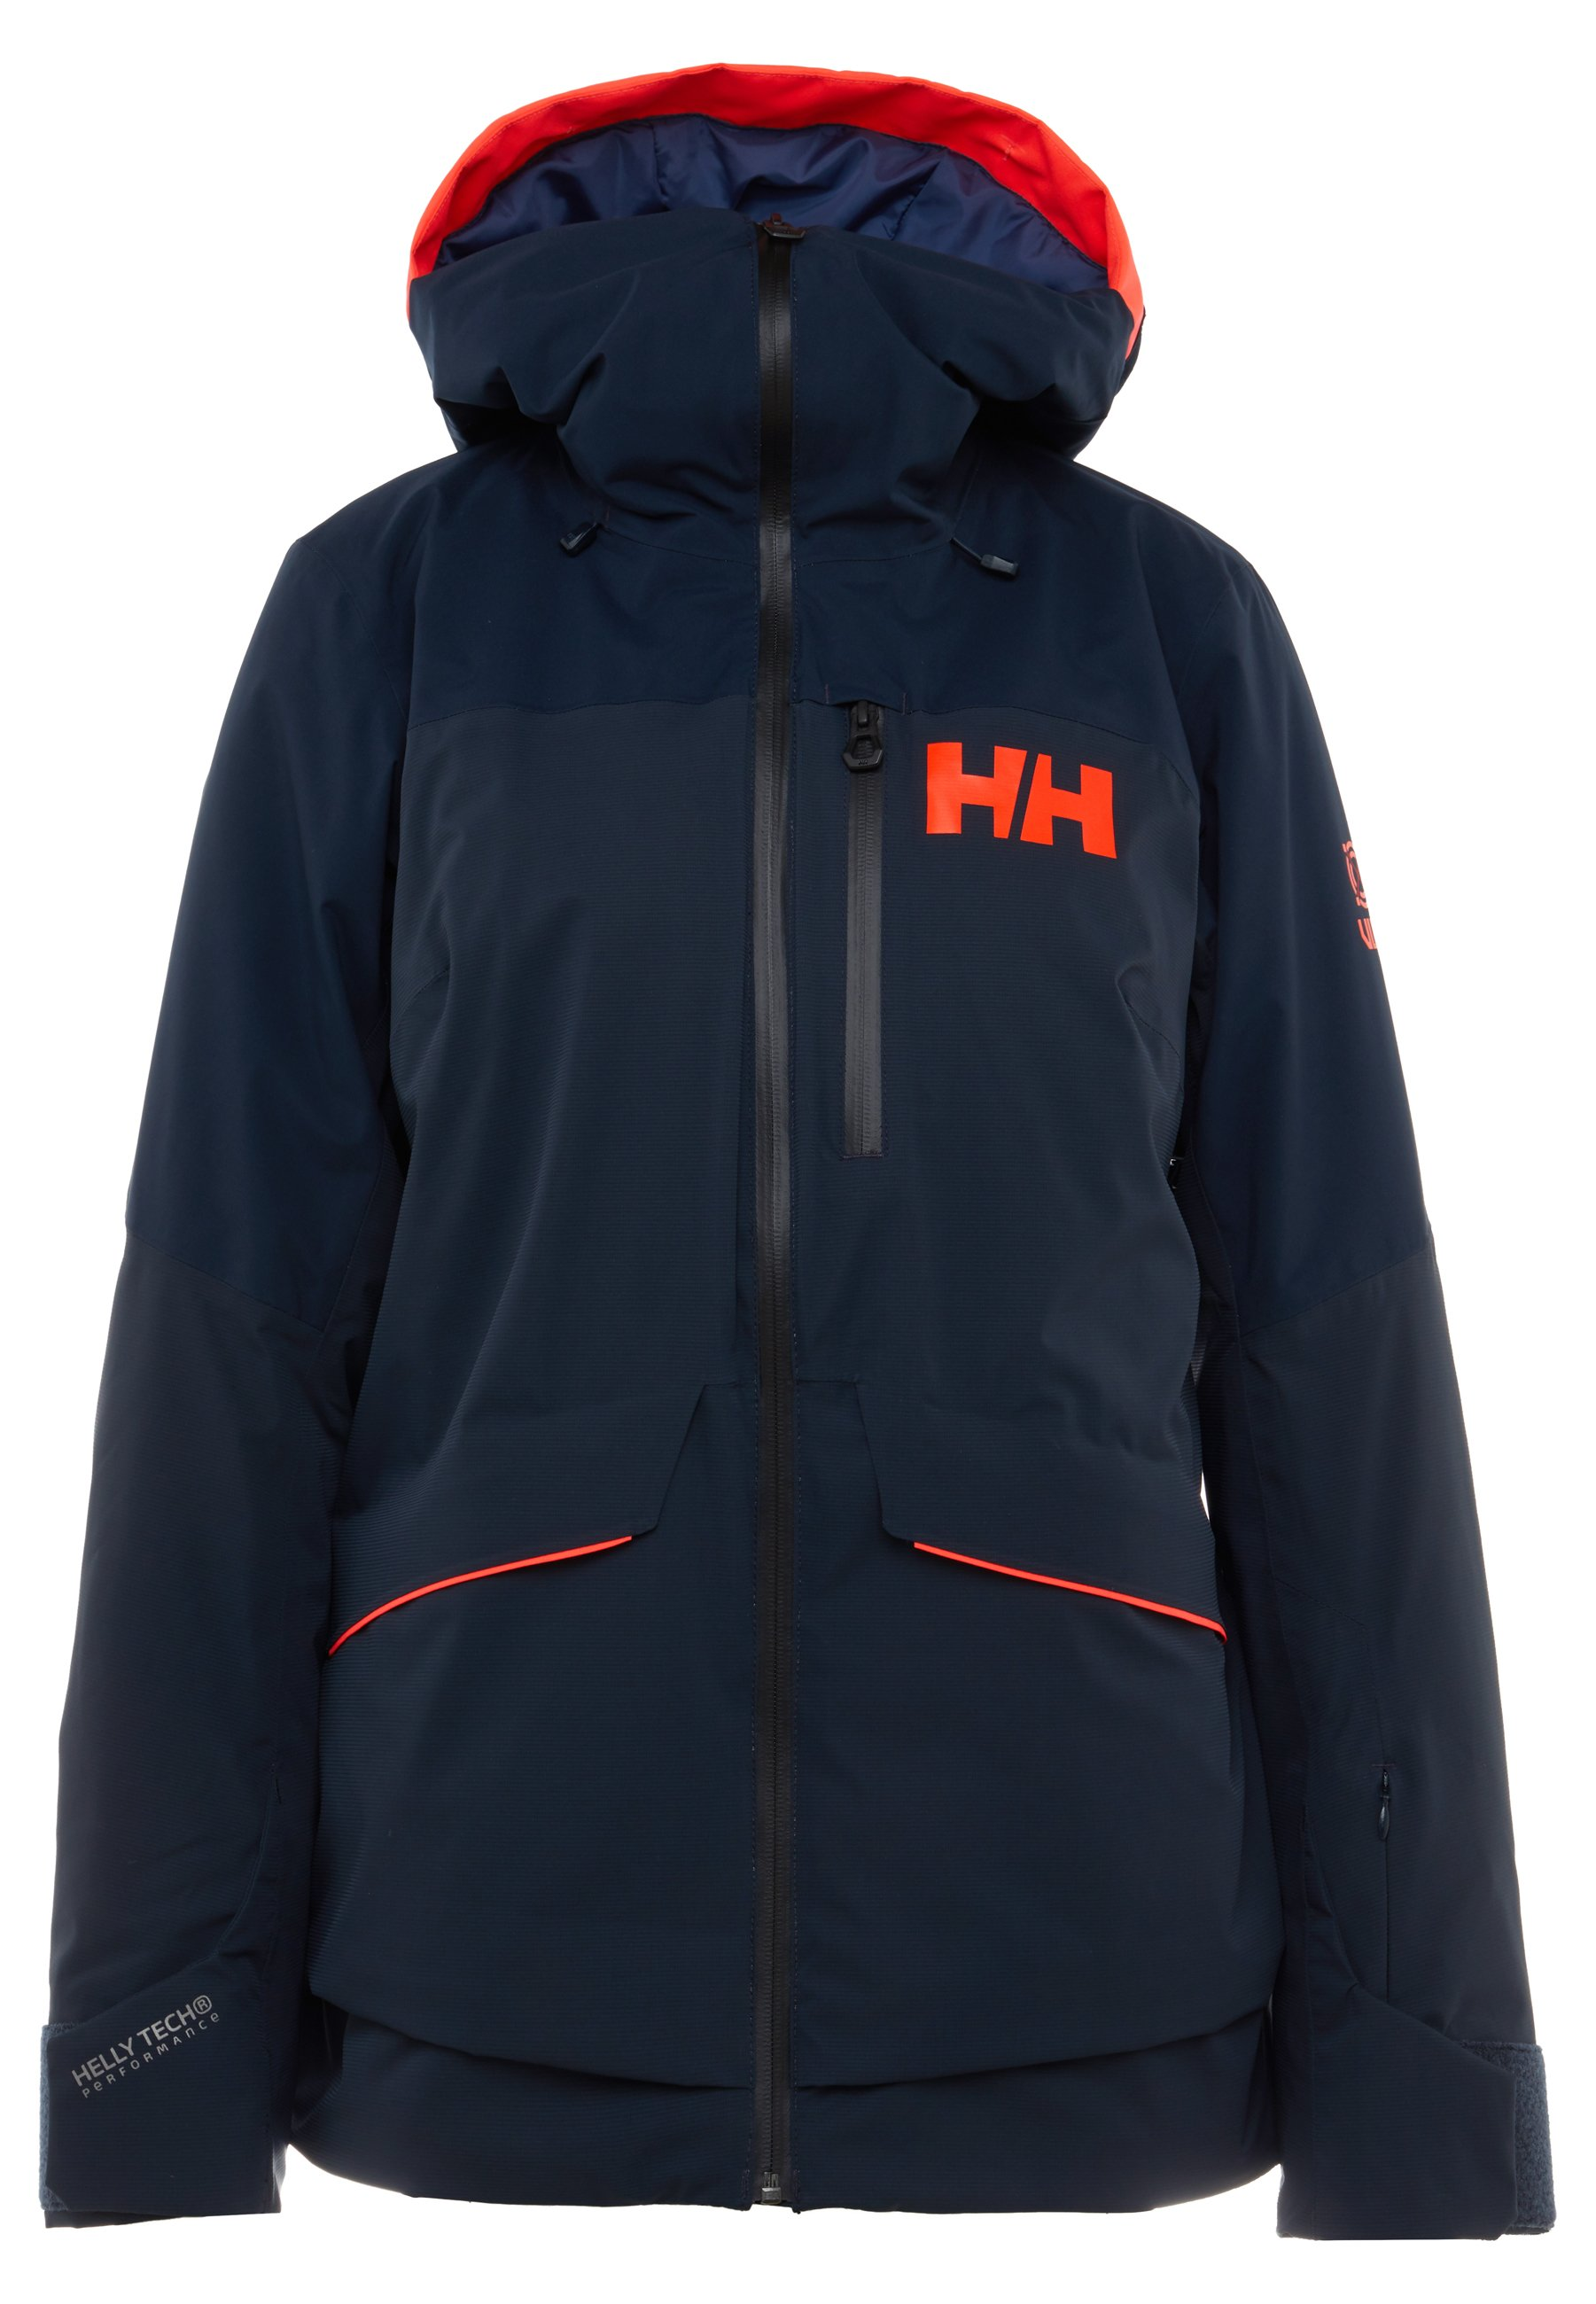 Helly Hansen Jackor: Köp upp till −50%   Stylight